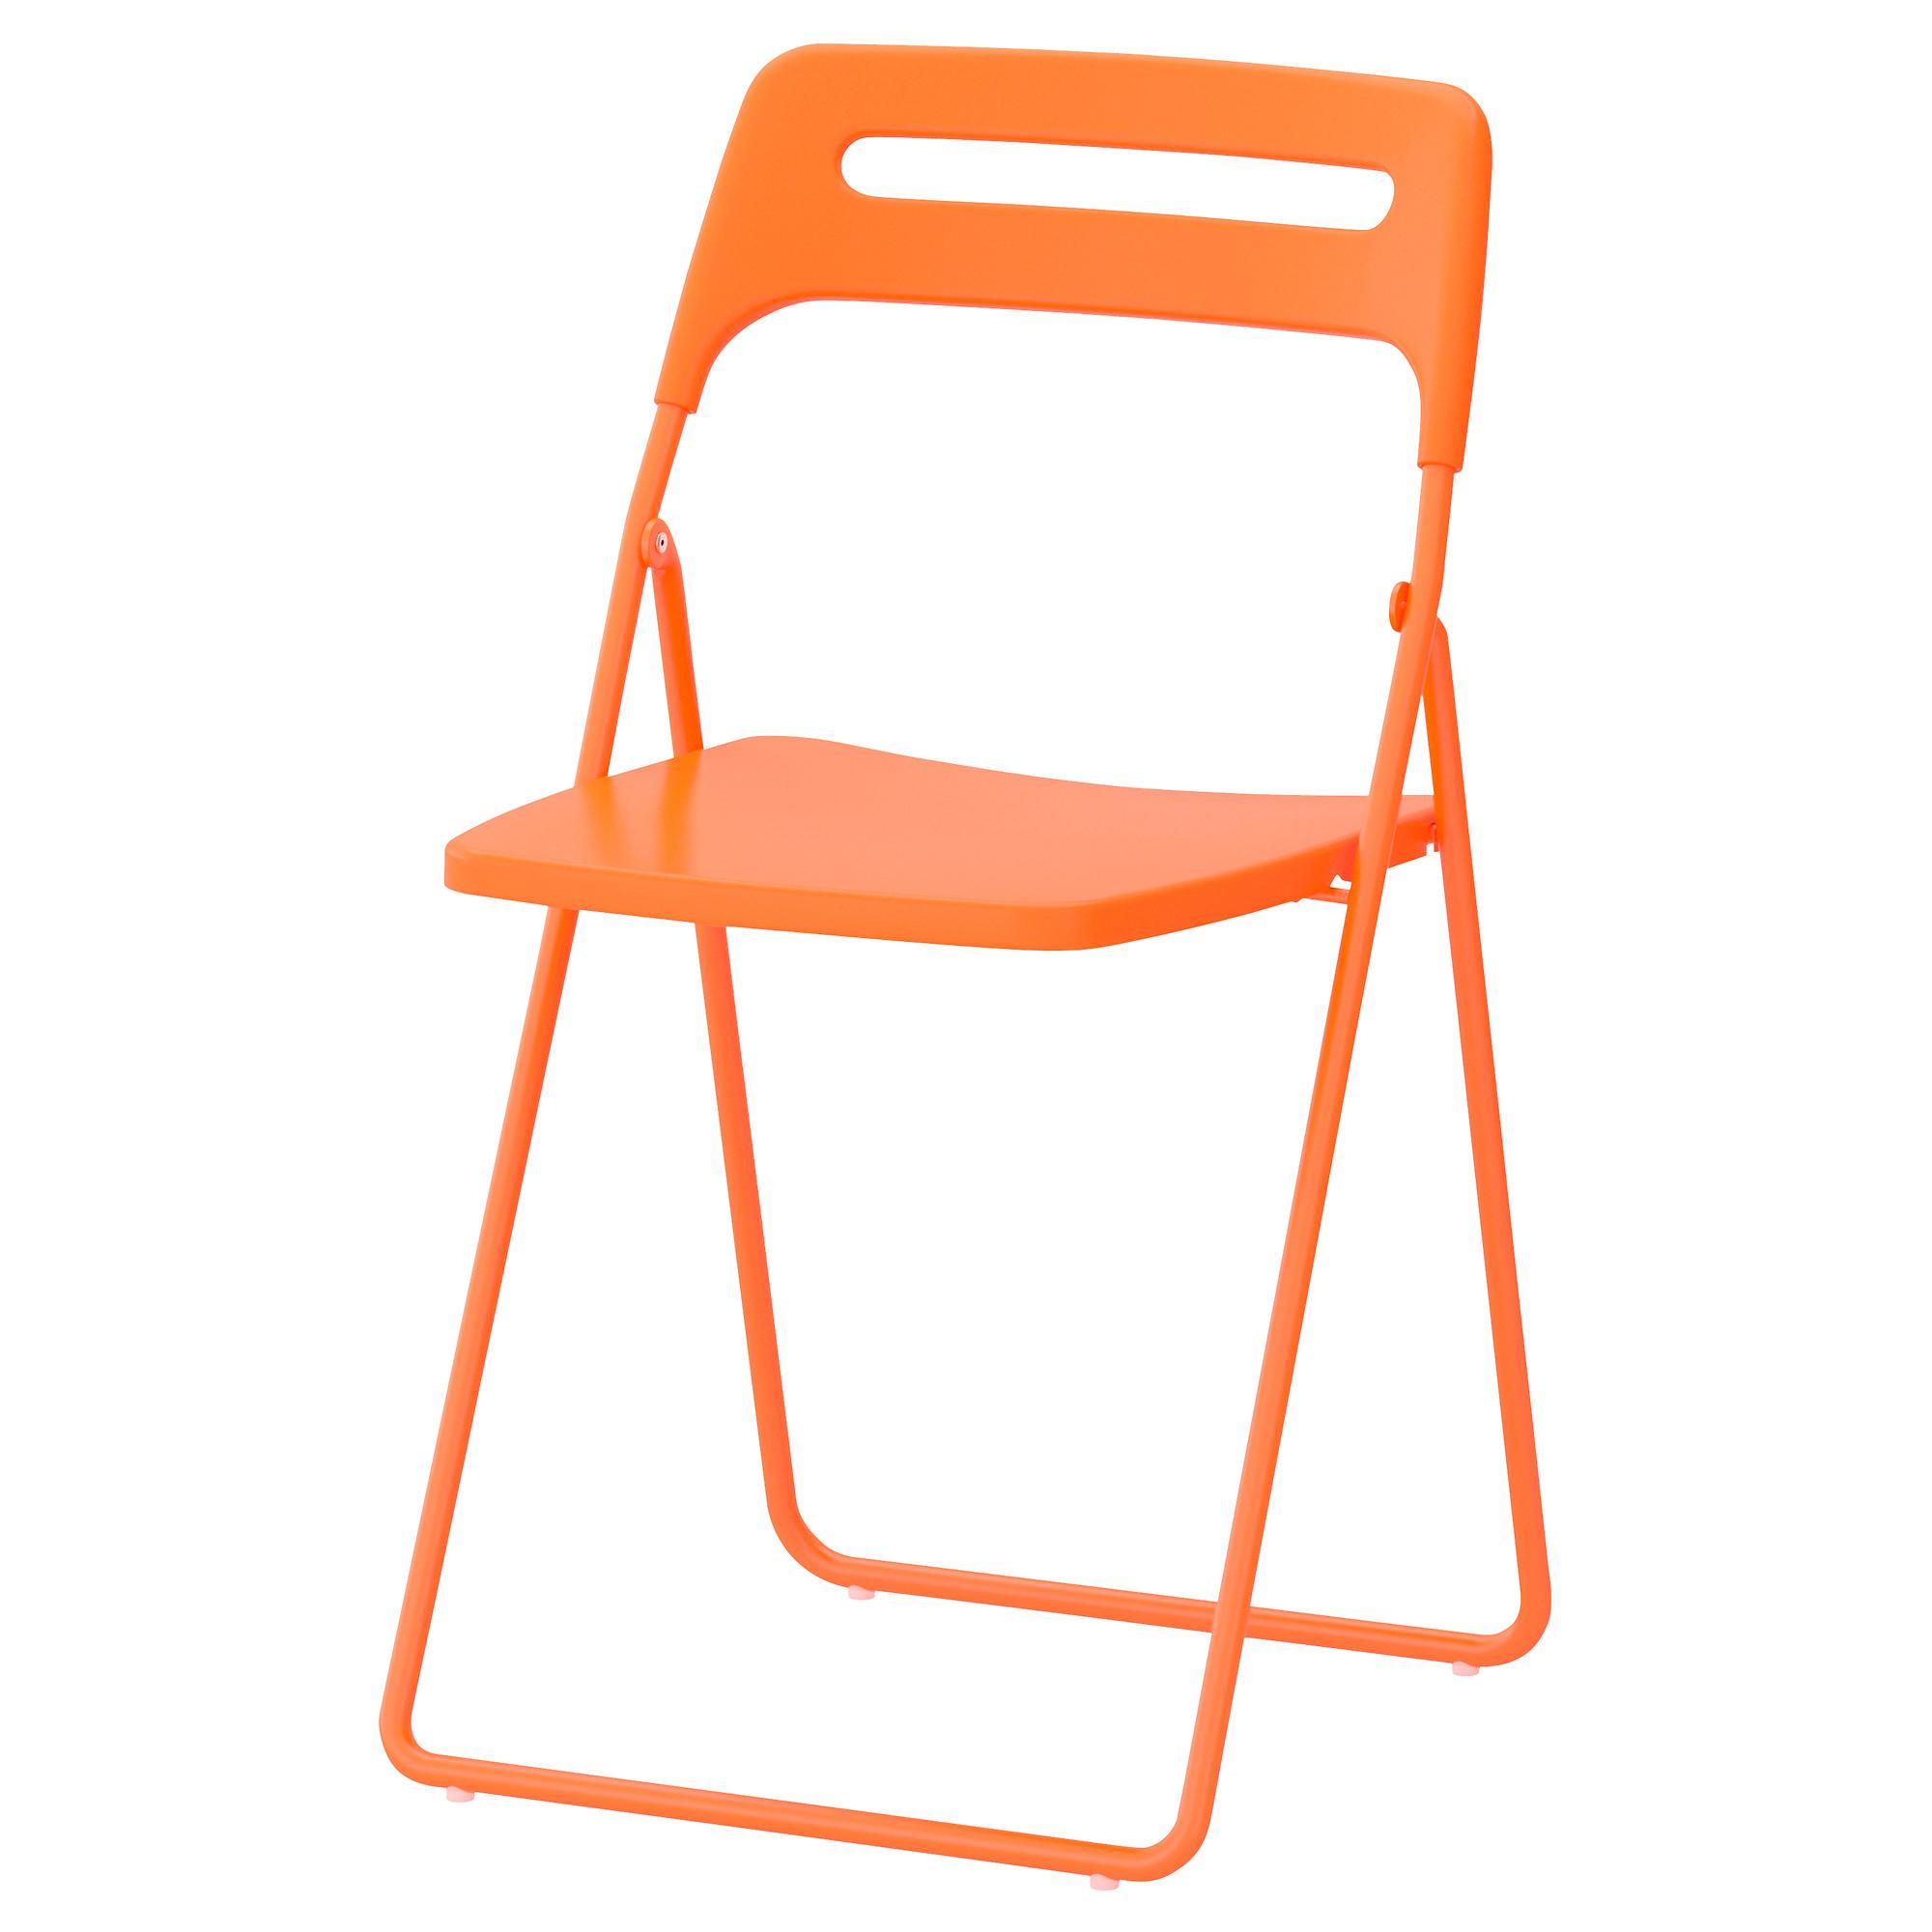 купить стул складной ниссе оранжевый в икеа минск стоимость